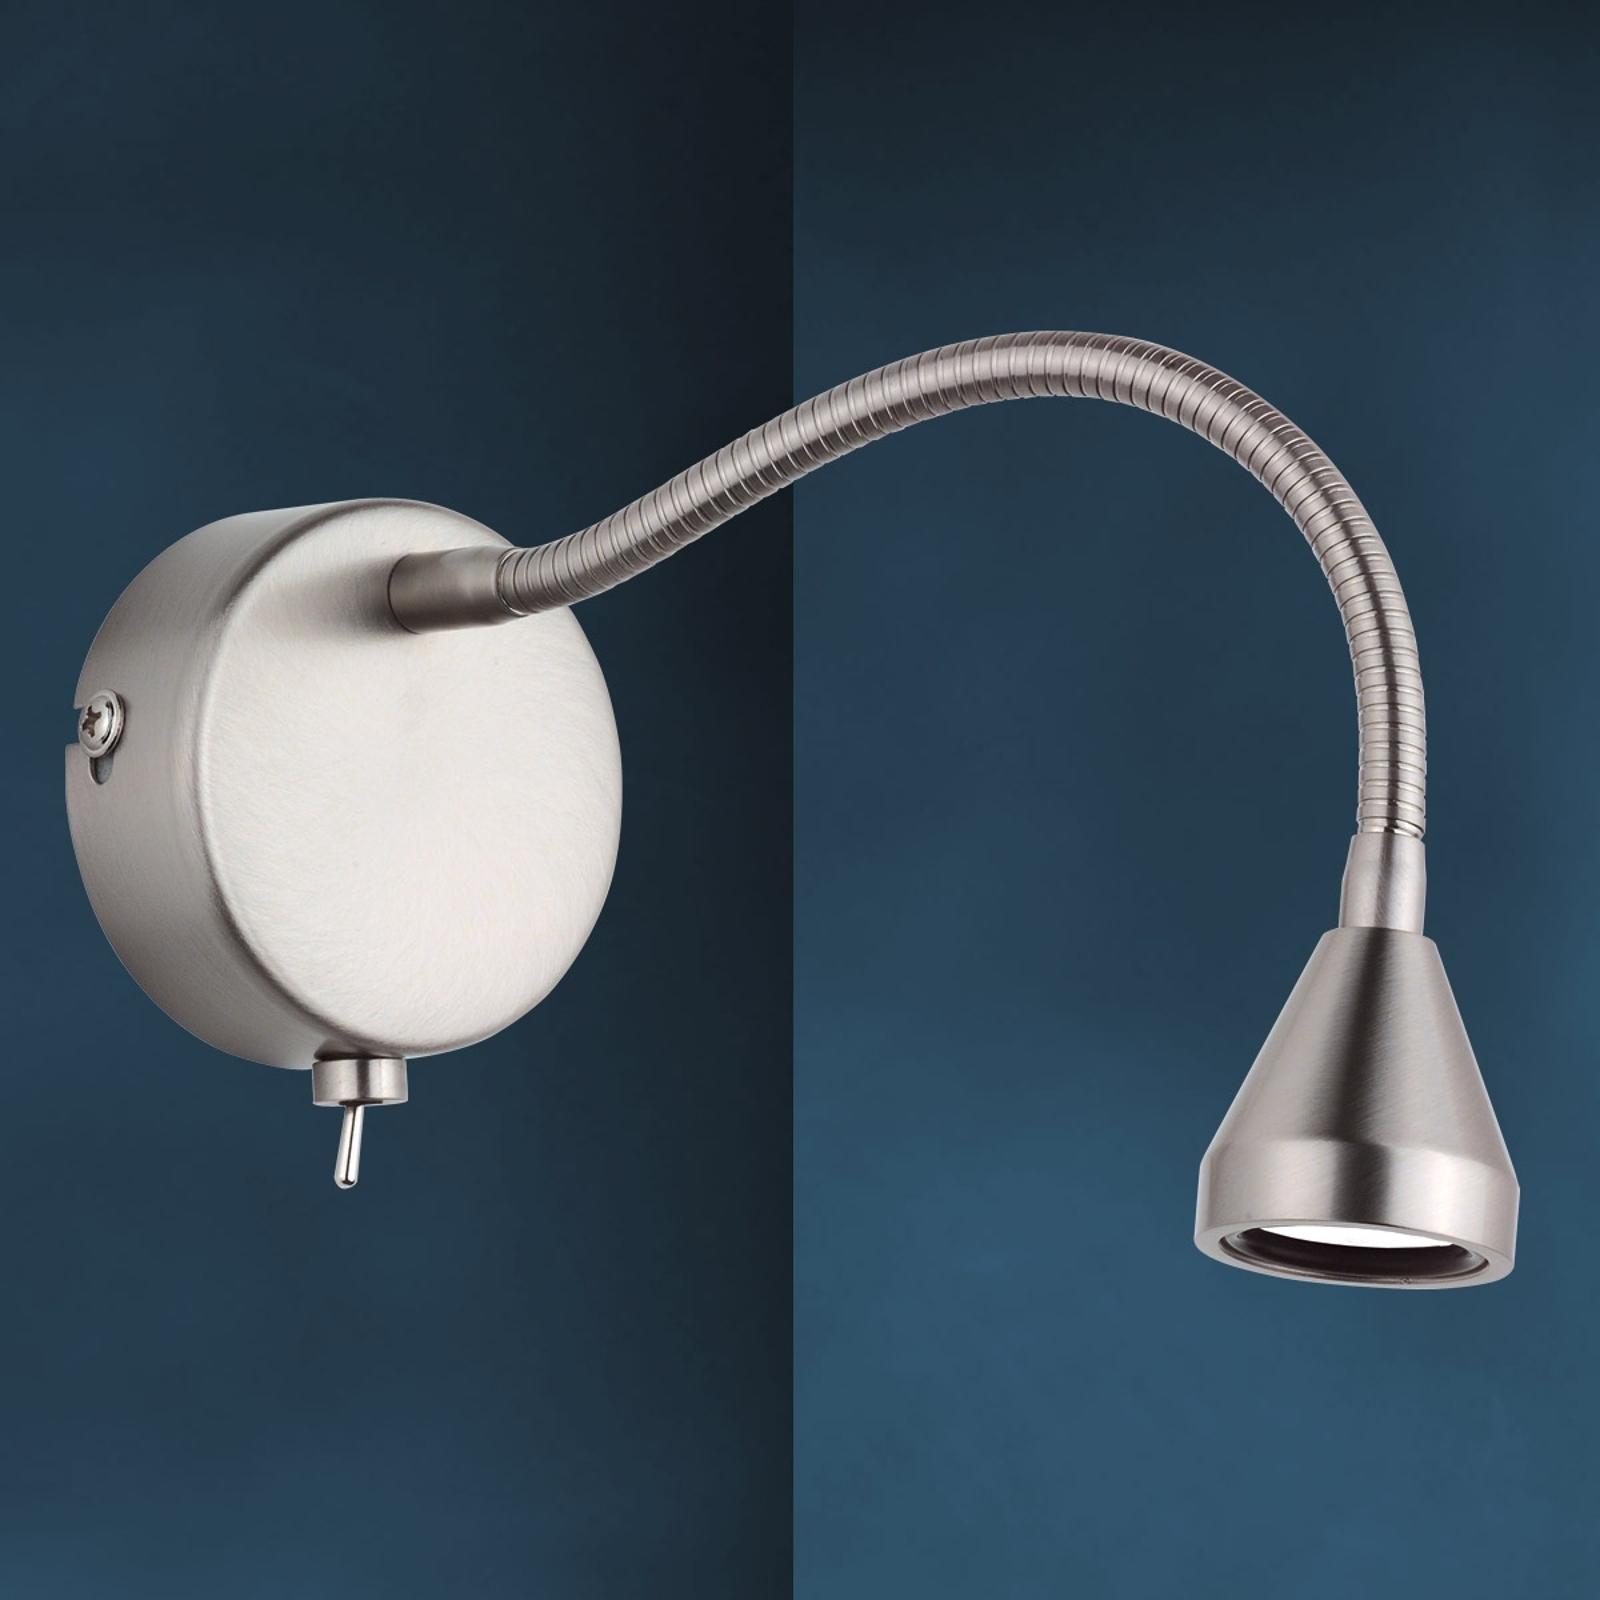 Lampa ścienna LED MINI z ramieniem elastycznym